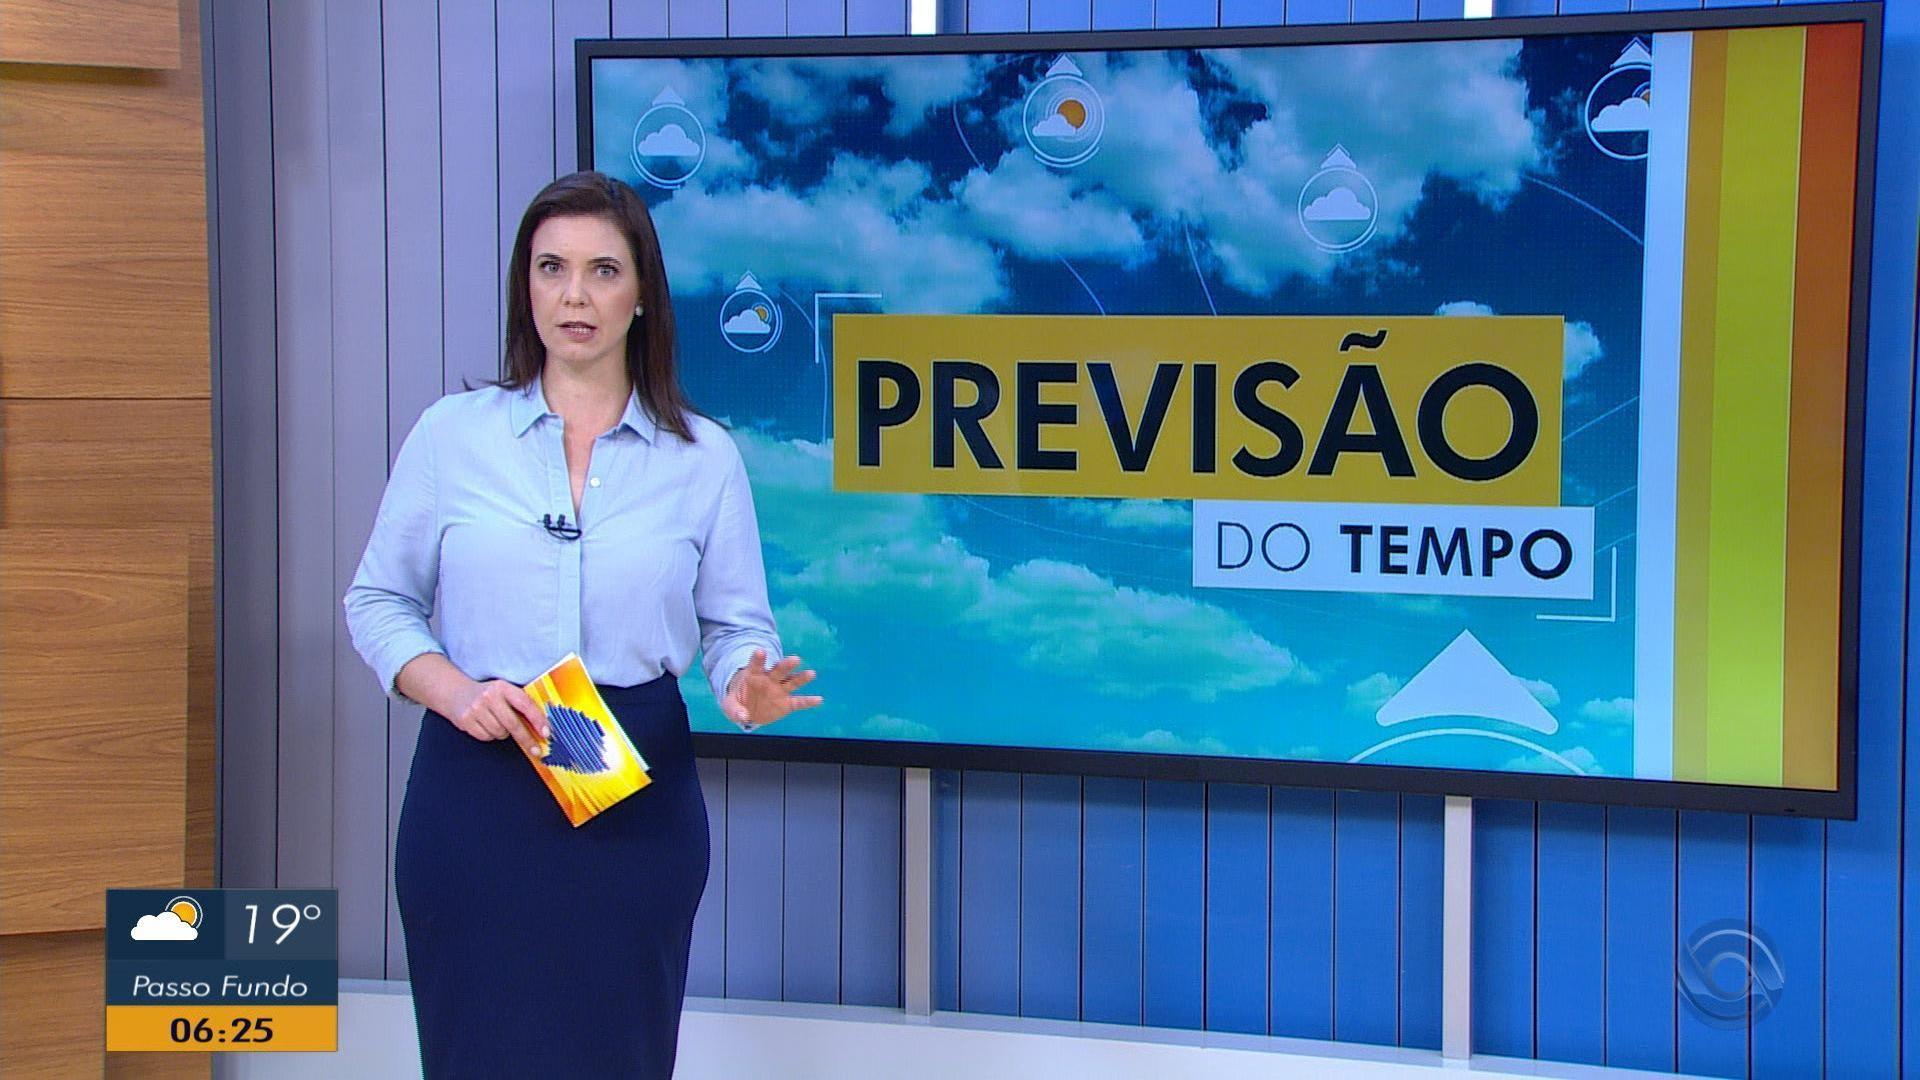 VÍDEOS: Bom Dia Rio Grande de sexta-feira, 18 de janeiro